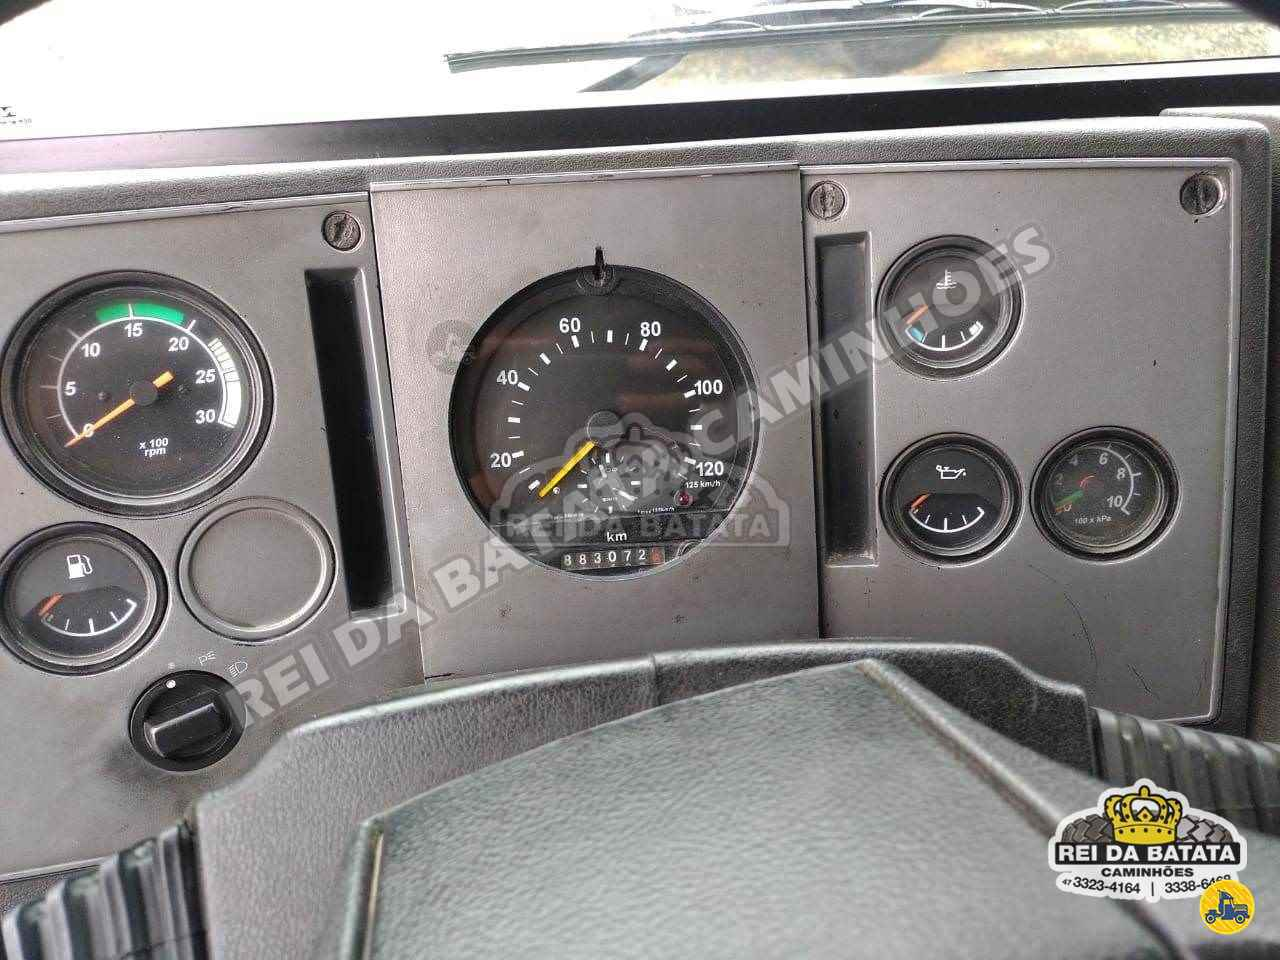 FORD CARGO 4031 880000km 2004/2004 Rei da Batata Caminhões